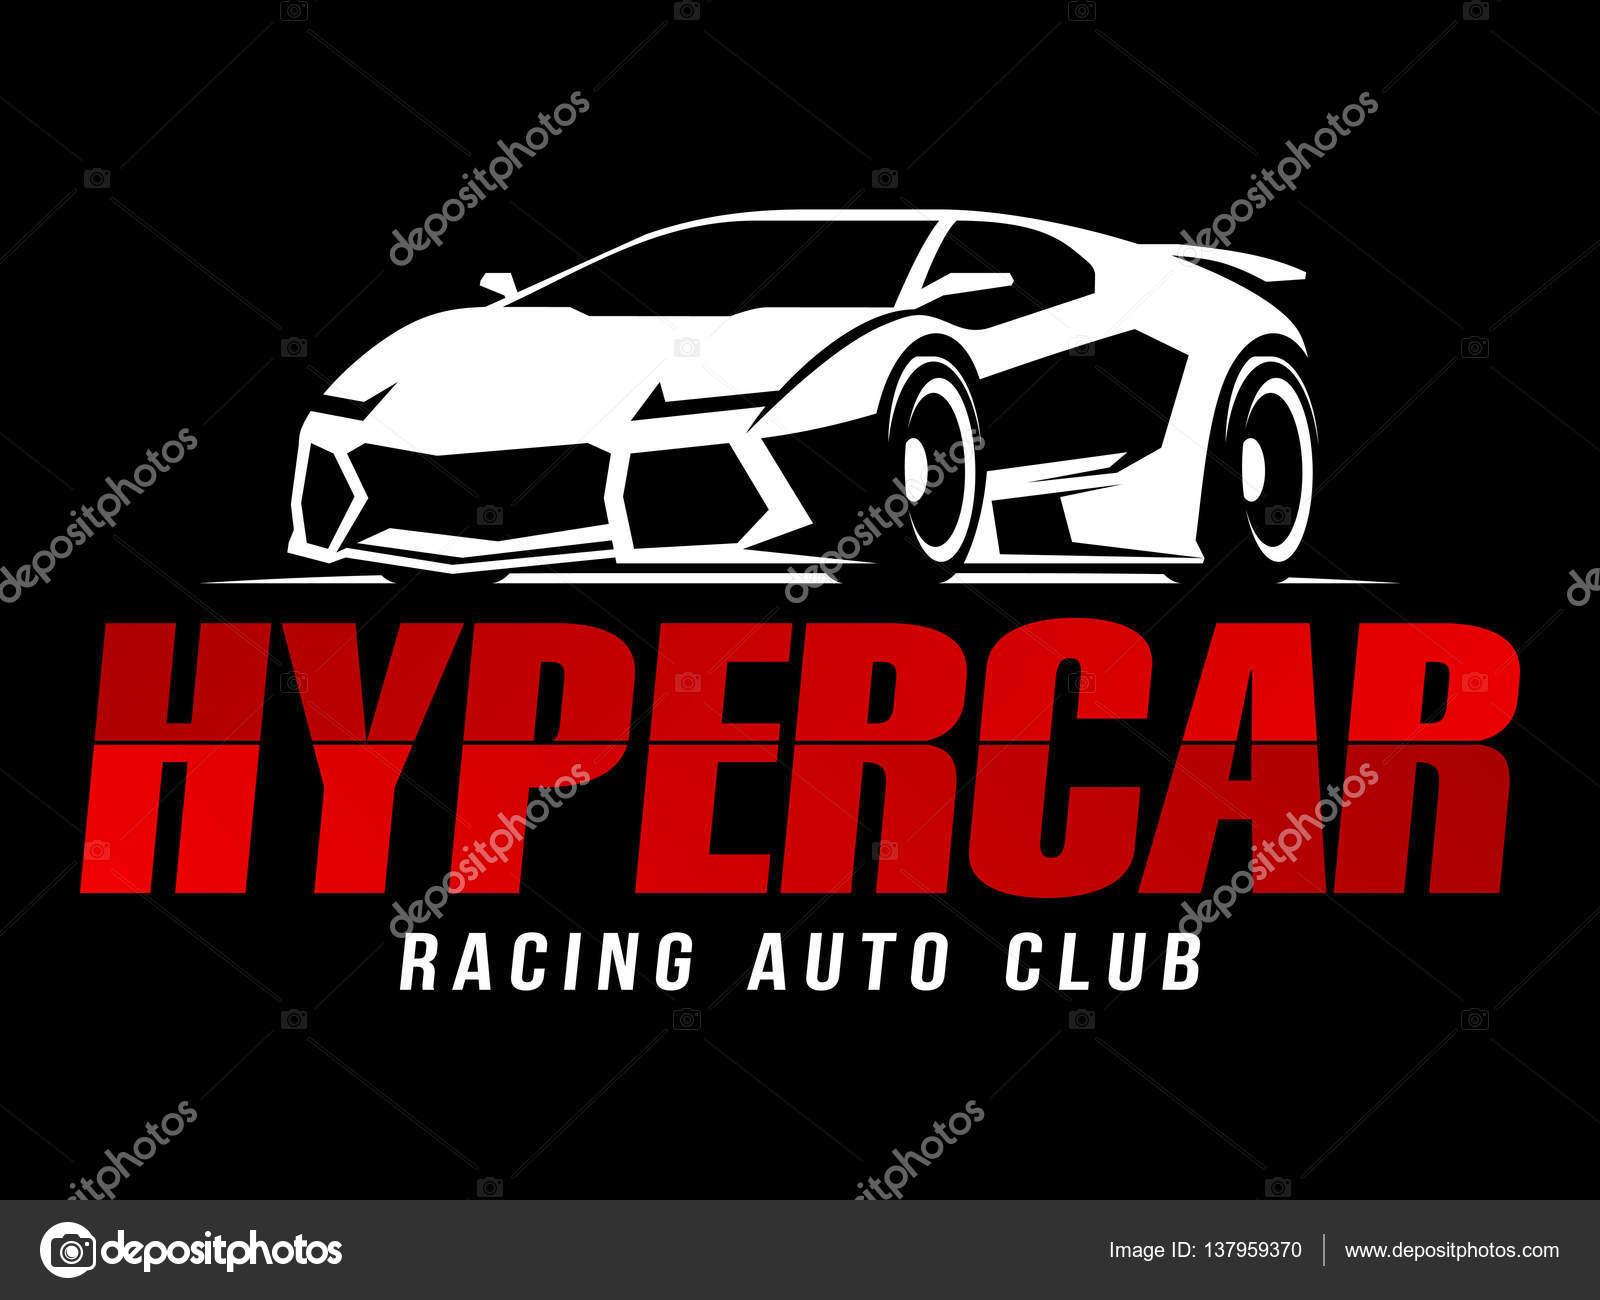 Design car club logo - Racing Auto Club Hypercar Logo Stock Vector 137959370